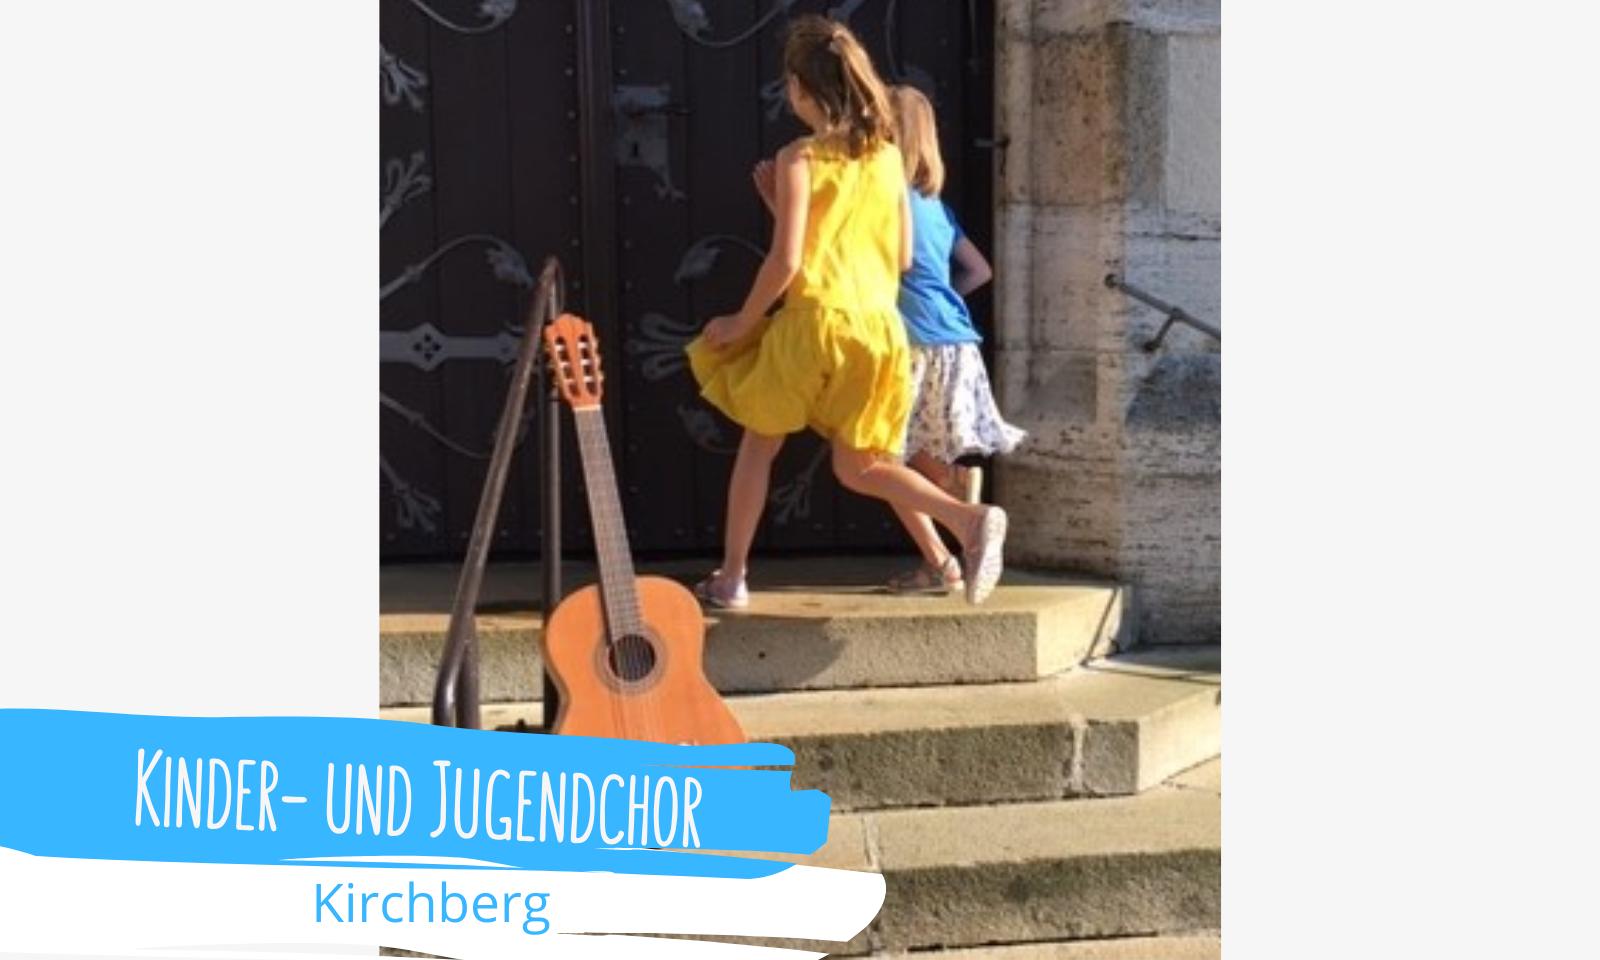 Kirchberg Kinder und Jugendchor Entry Image